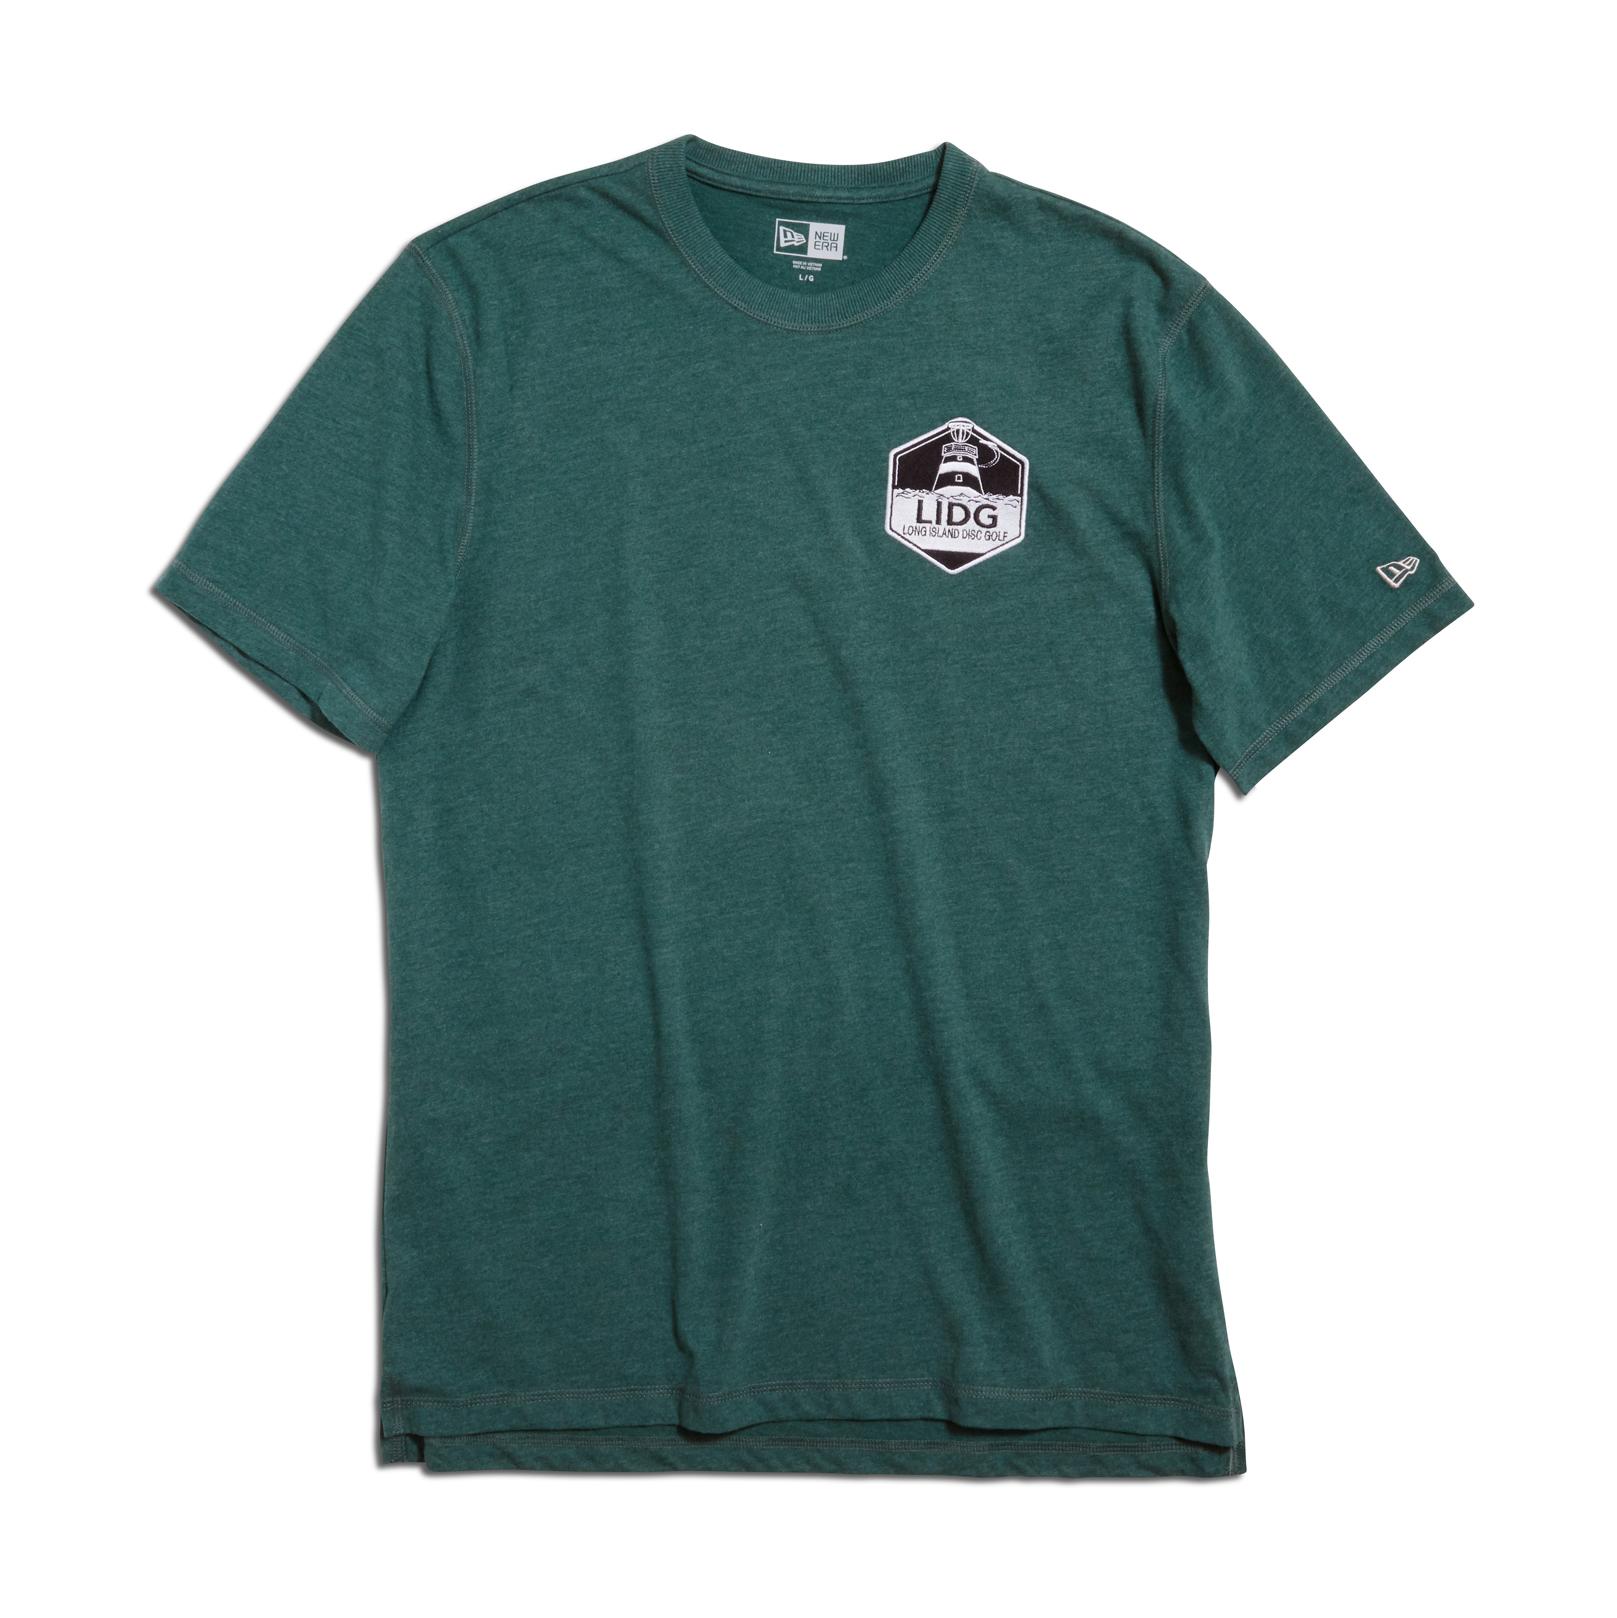 li-disc-golf-t-shirt-front